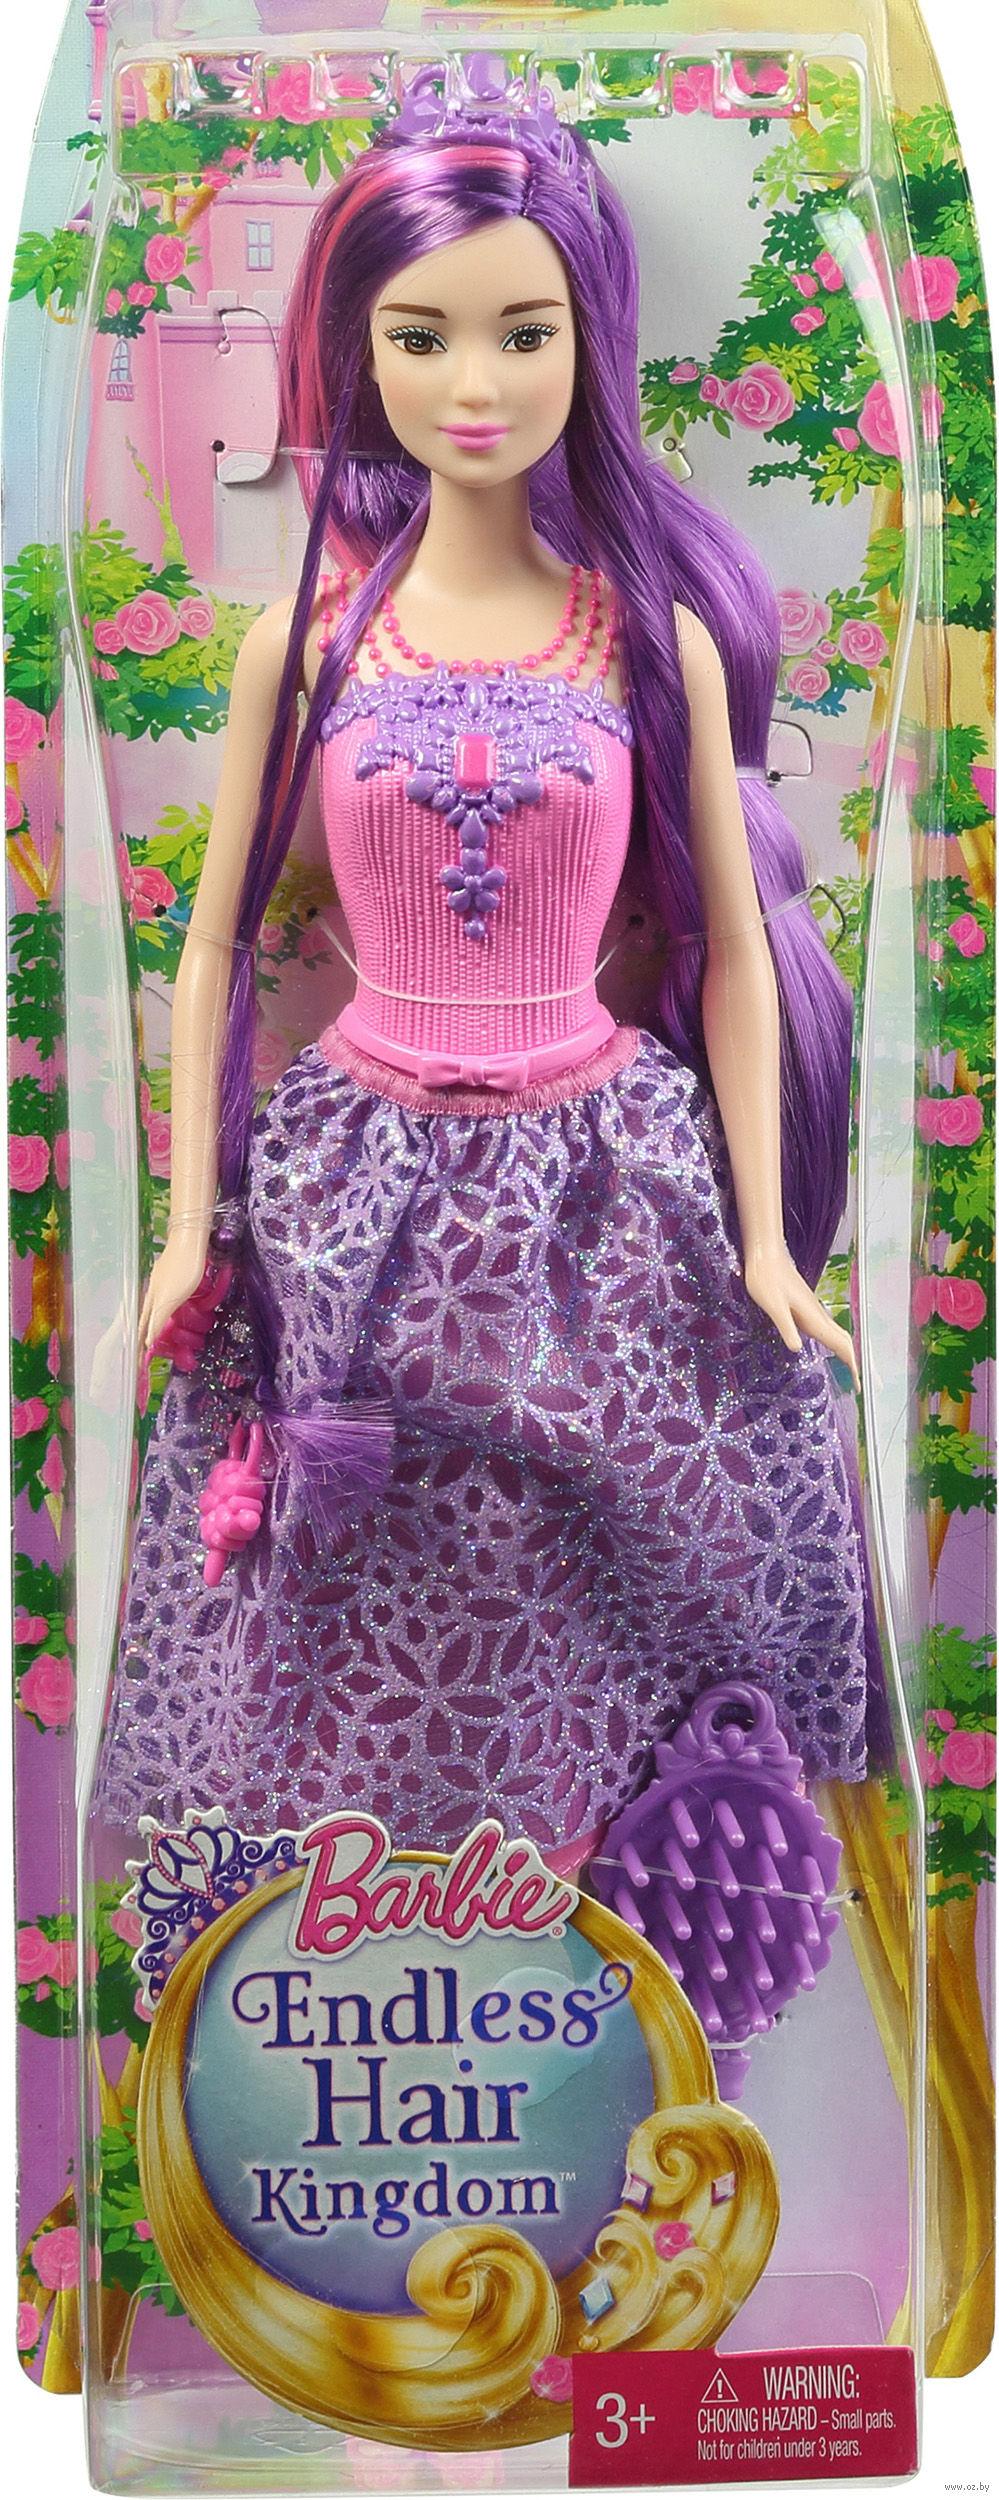 Барби принцесса с длинными волосами